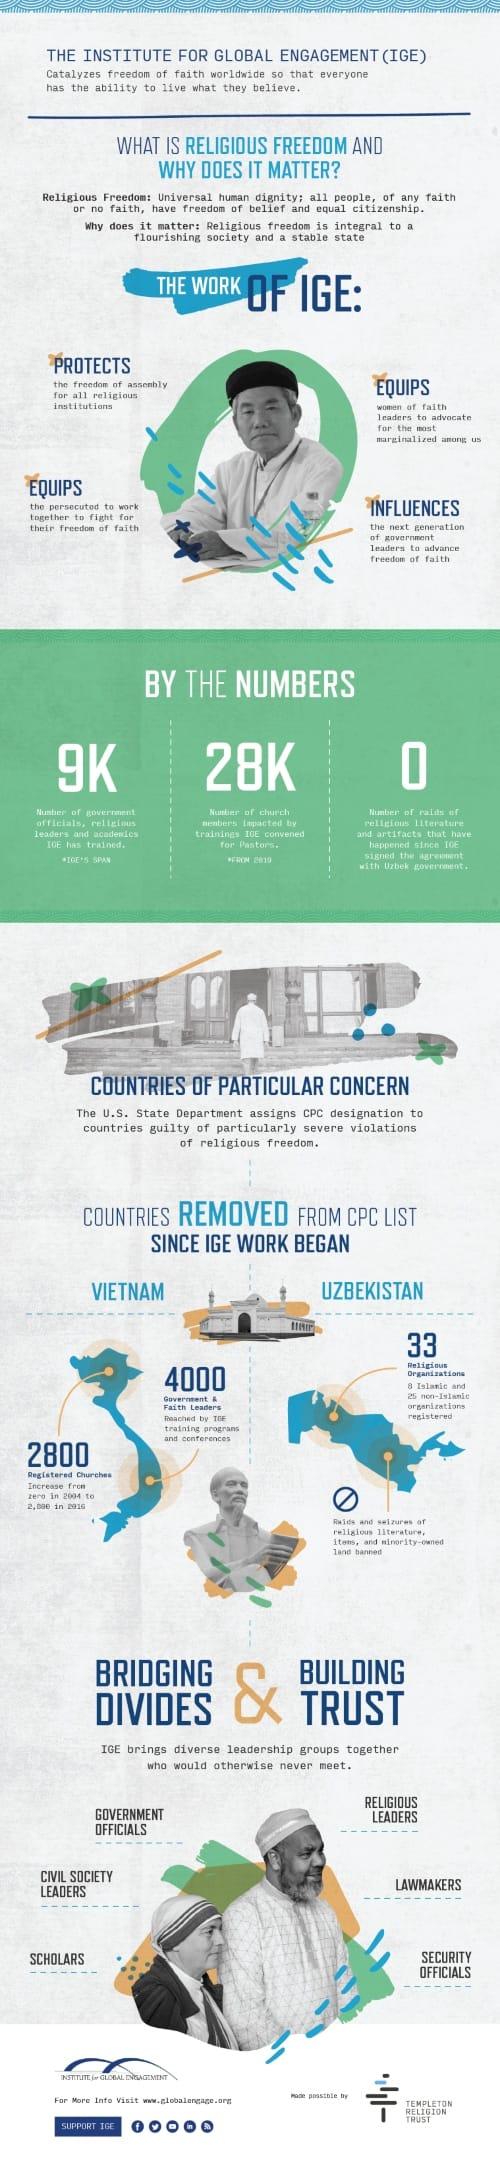 IGE infographic